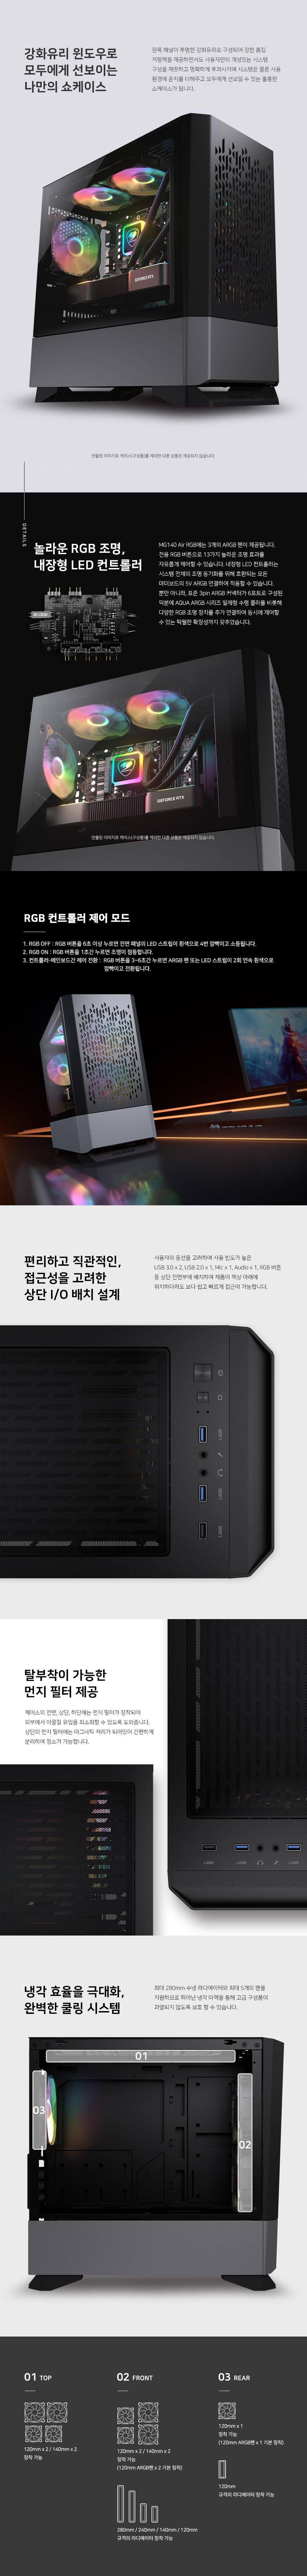 MG140_Air_RGB_Black_2.jpg